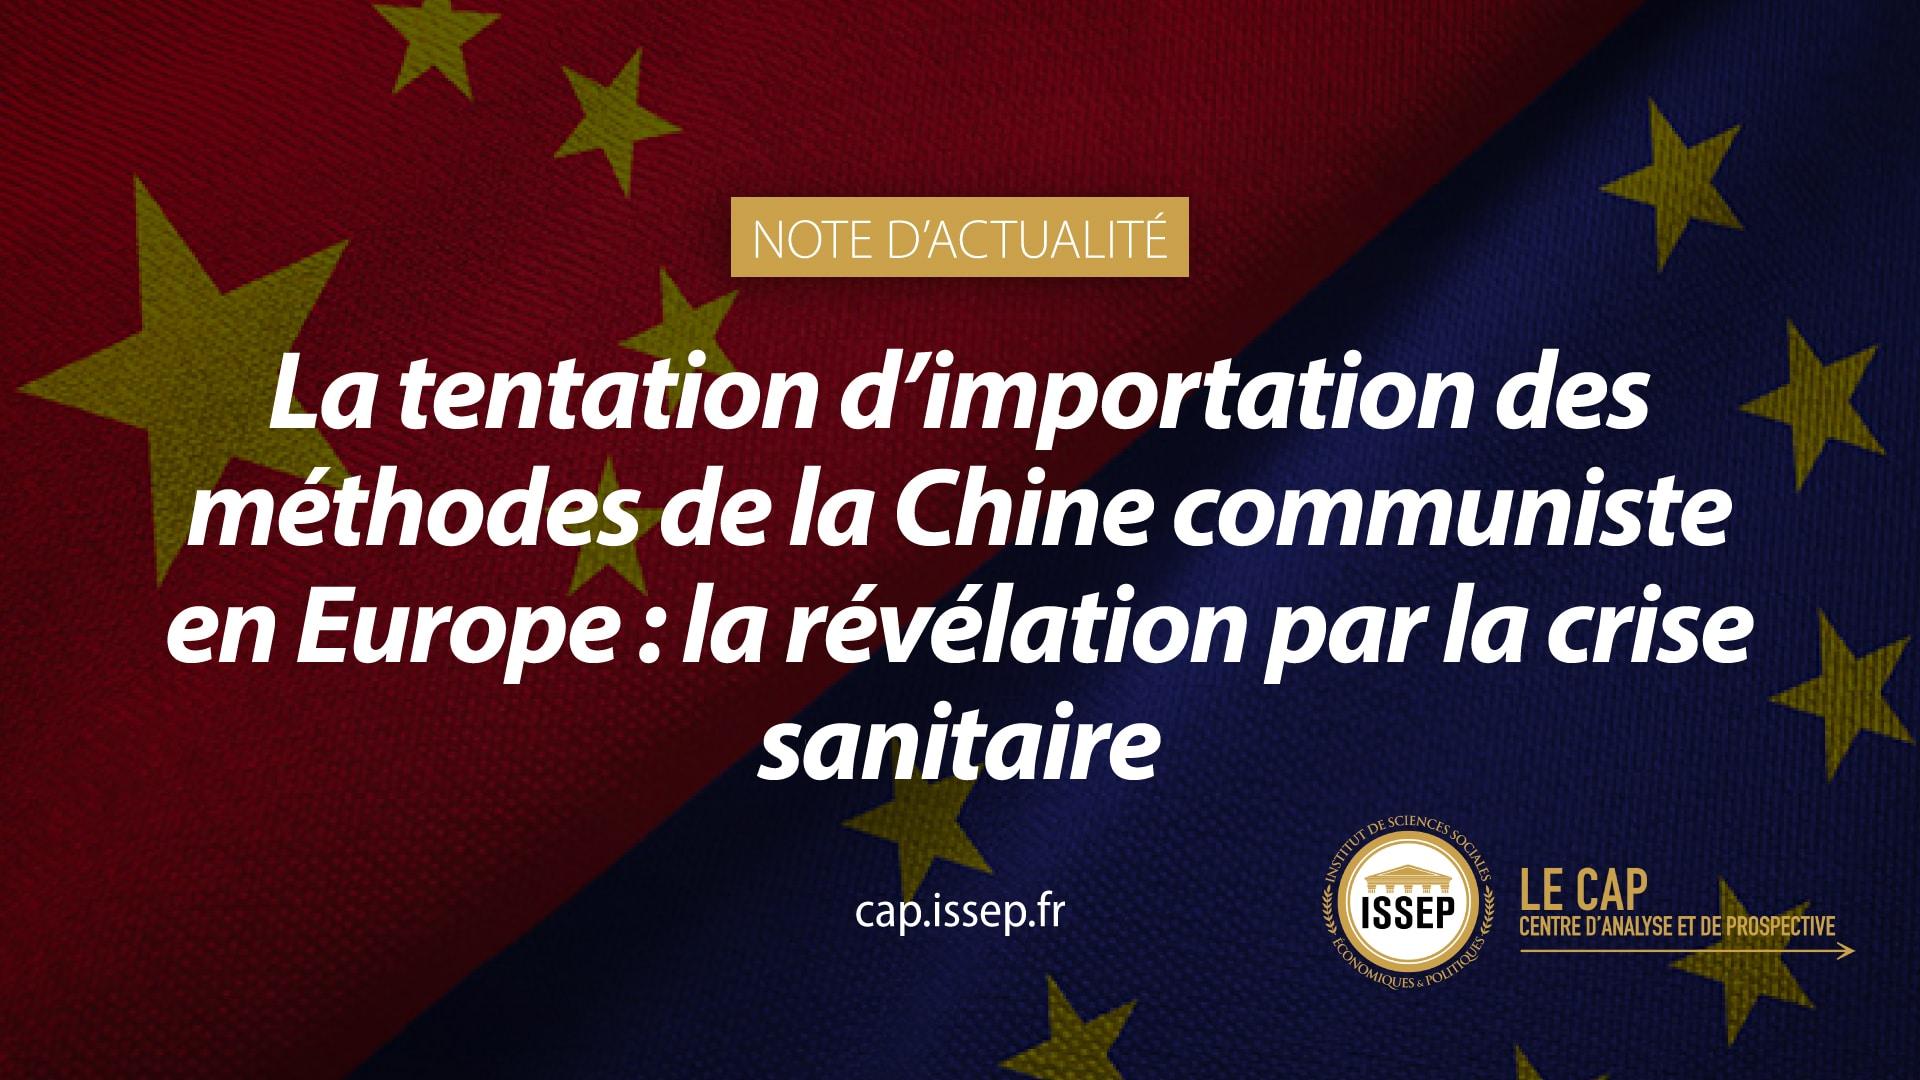 La tentation d'importation des méthodes de la Chine communiste en Europe : la révélation par la crise sanitaire